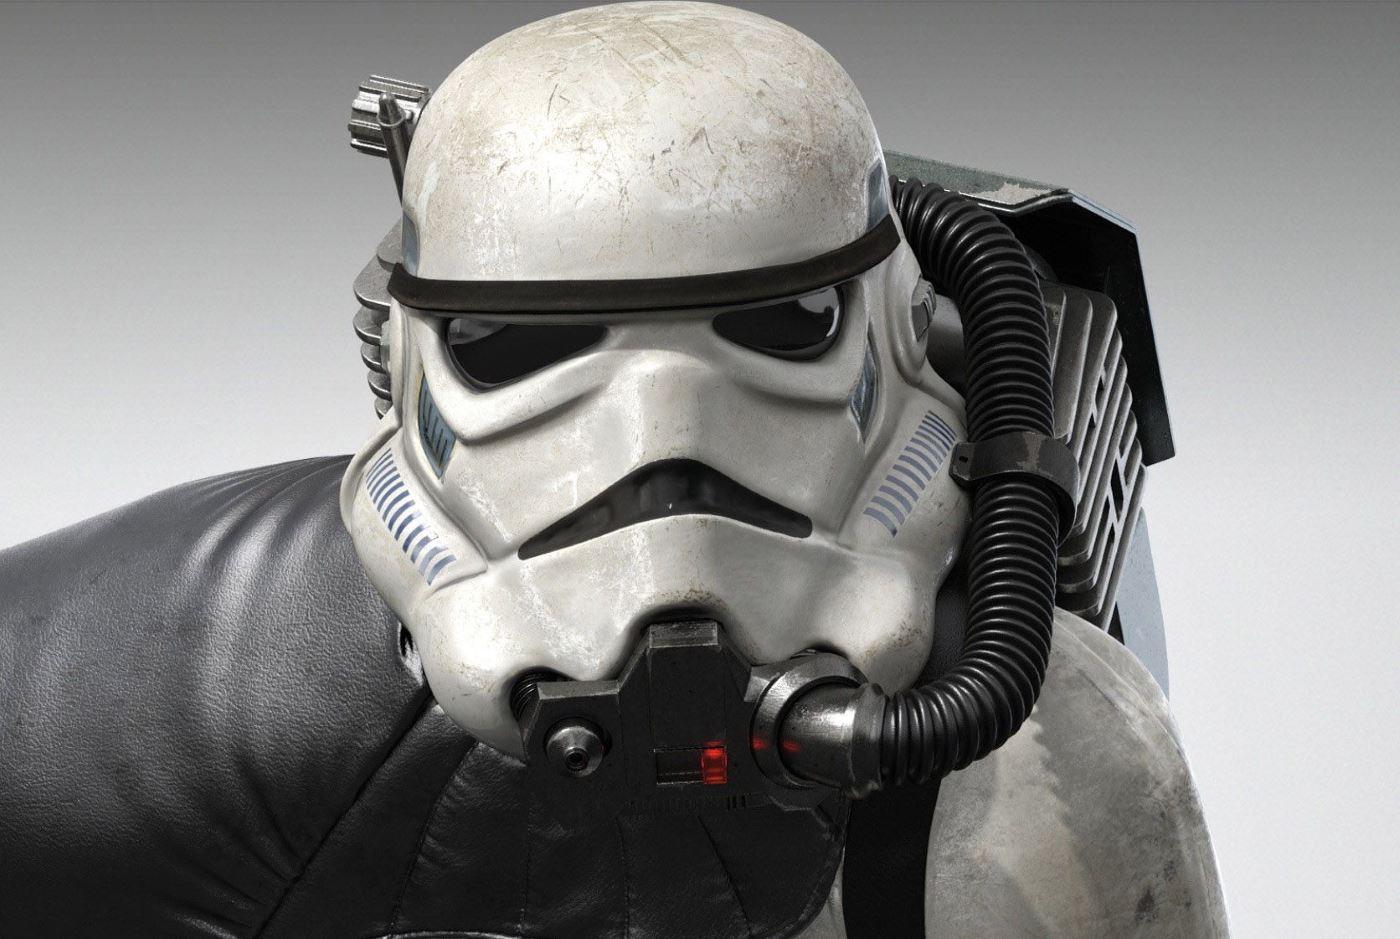 Star Wars Battlefront: Der Hype ist stark in diesem da –  Dieser Stormtrooper ist ein Ingame-Modell